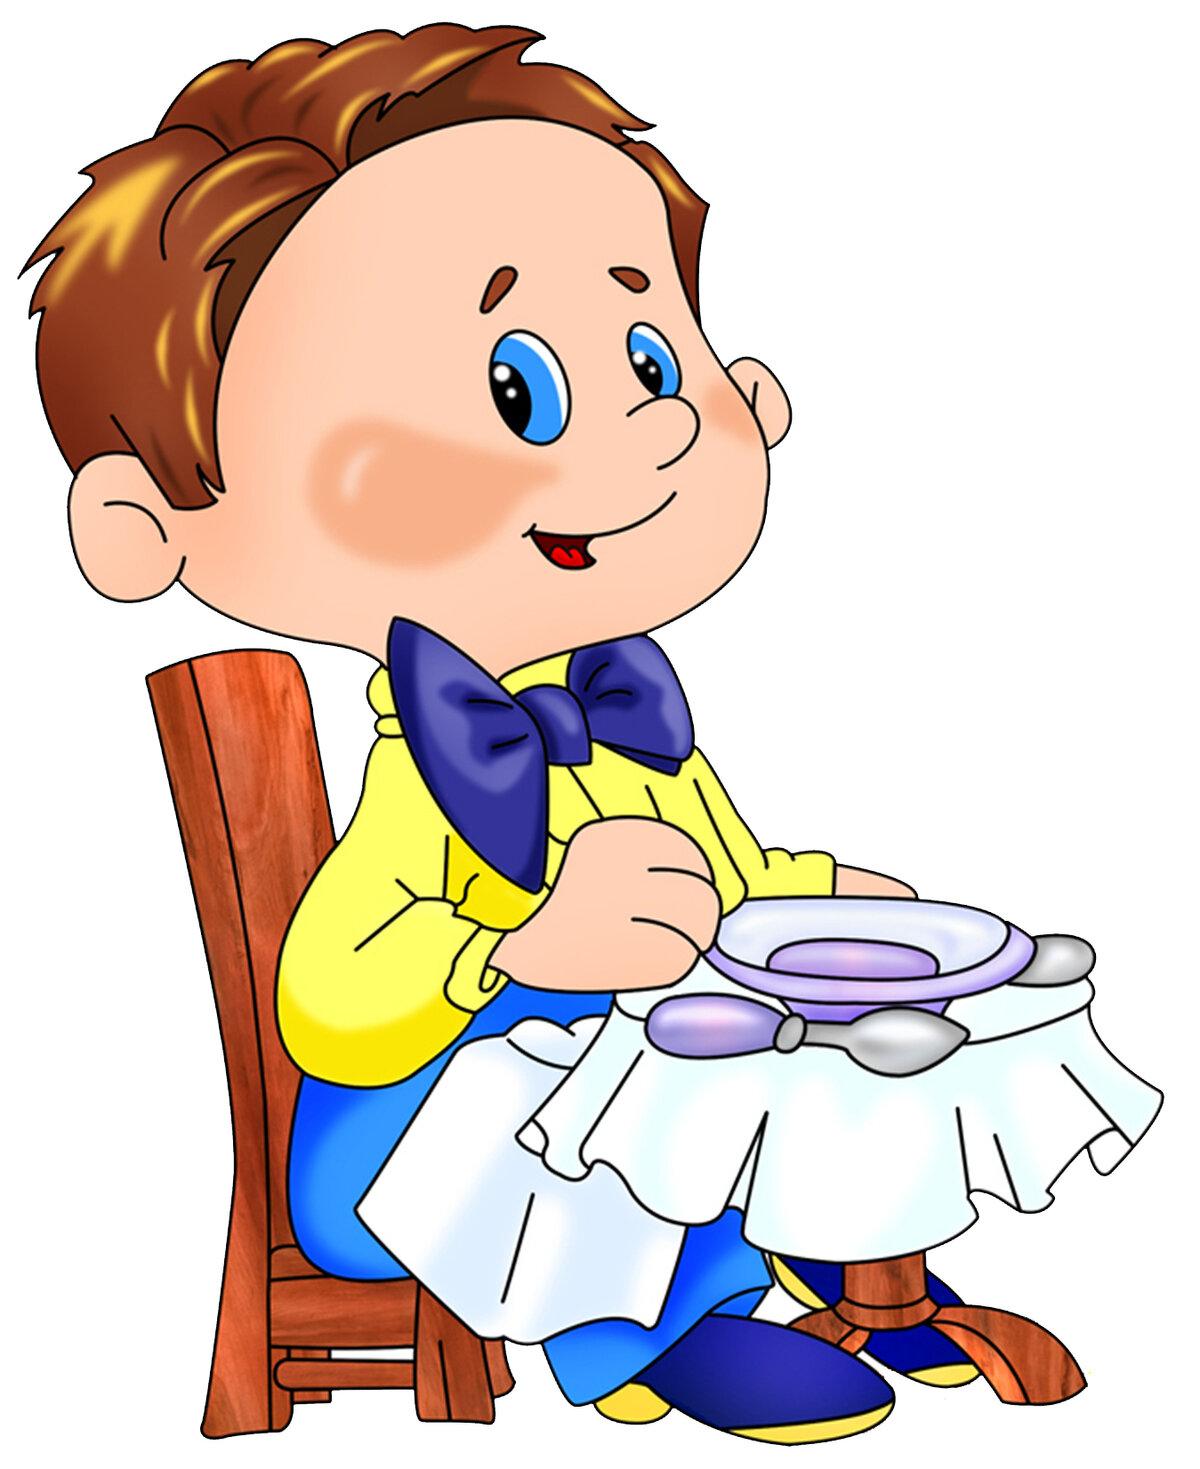 Изображение картинки для детей